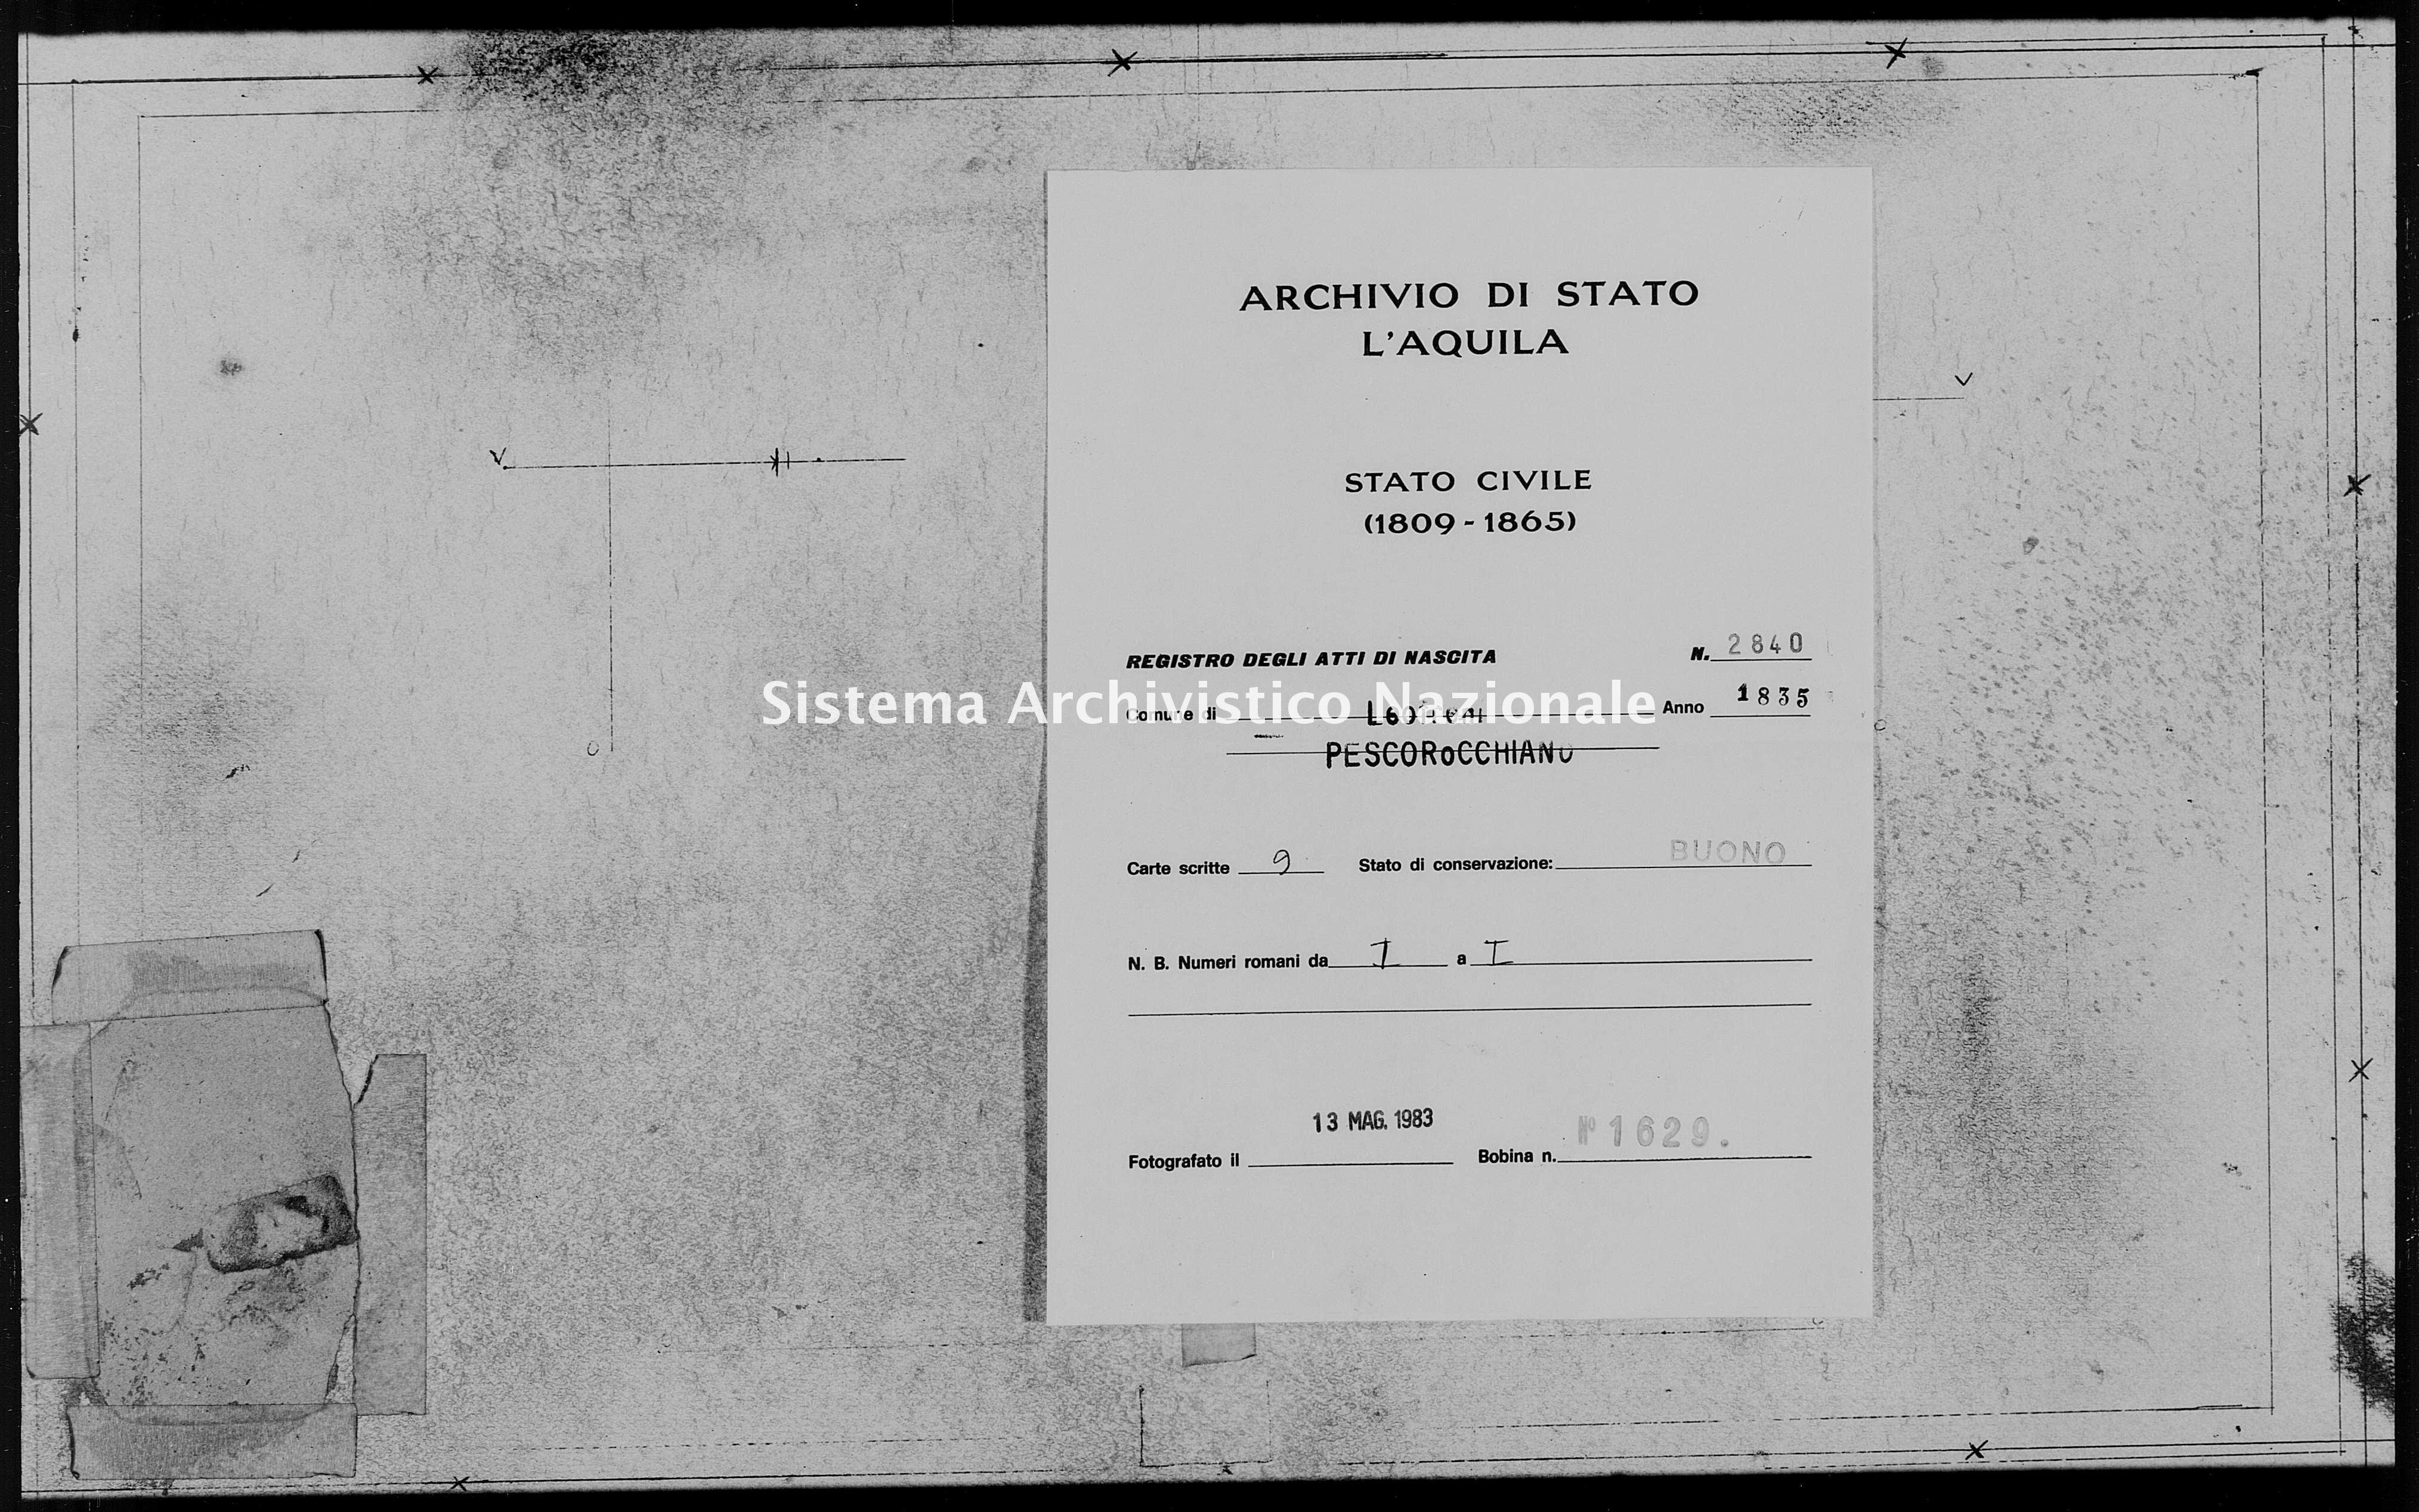 Archivio di stato di L'aquila - Stato civile della restaurazione - Leofreni - Nati - 1835 - 2840 -